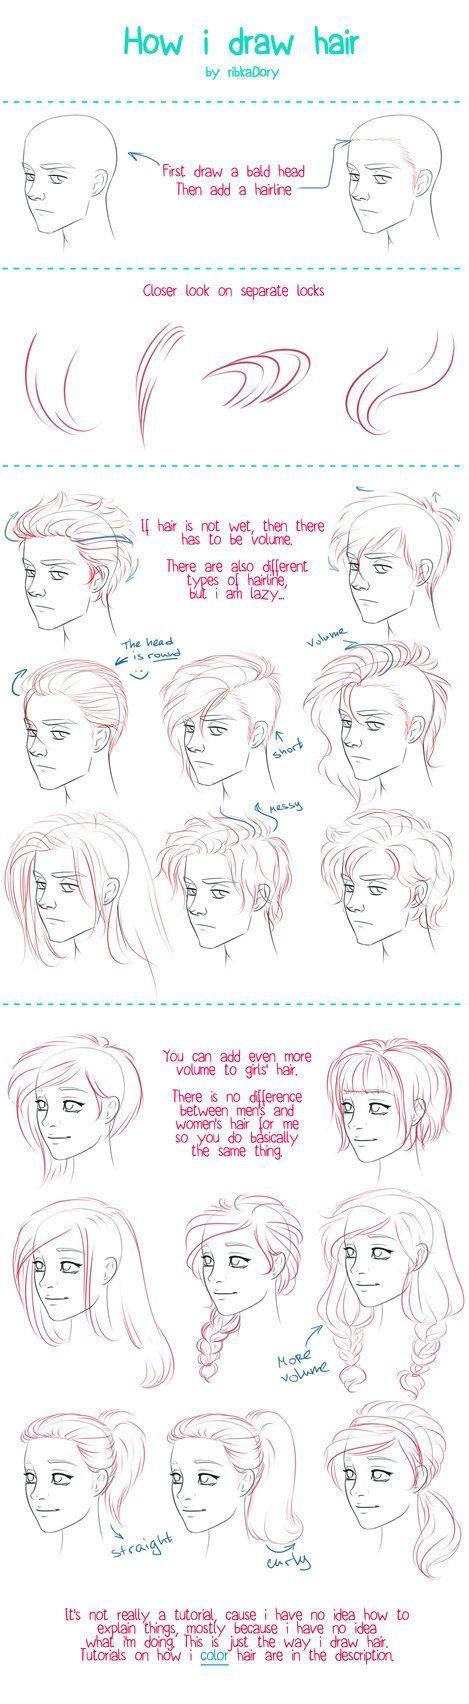 How I Draw Hair by =ribkaDory on deviantART